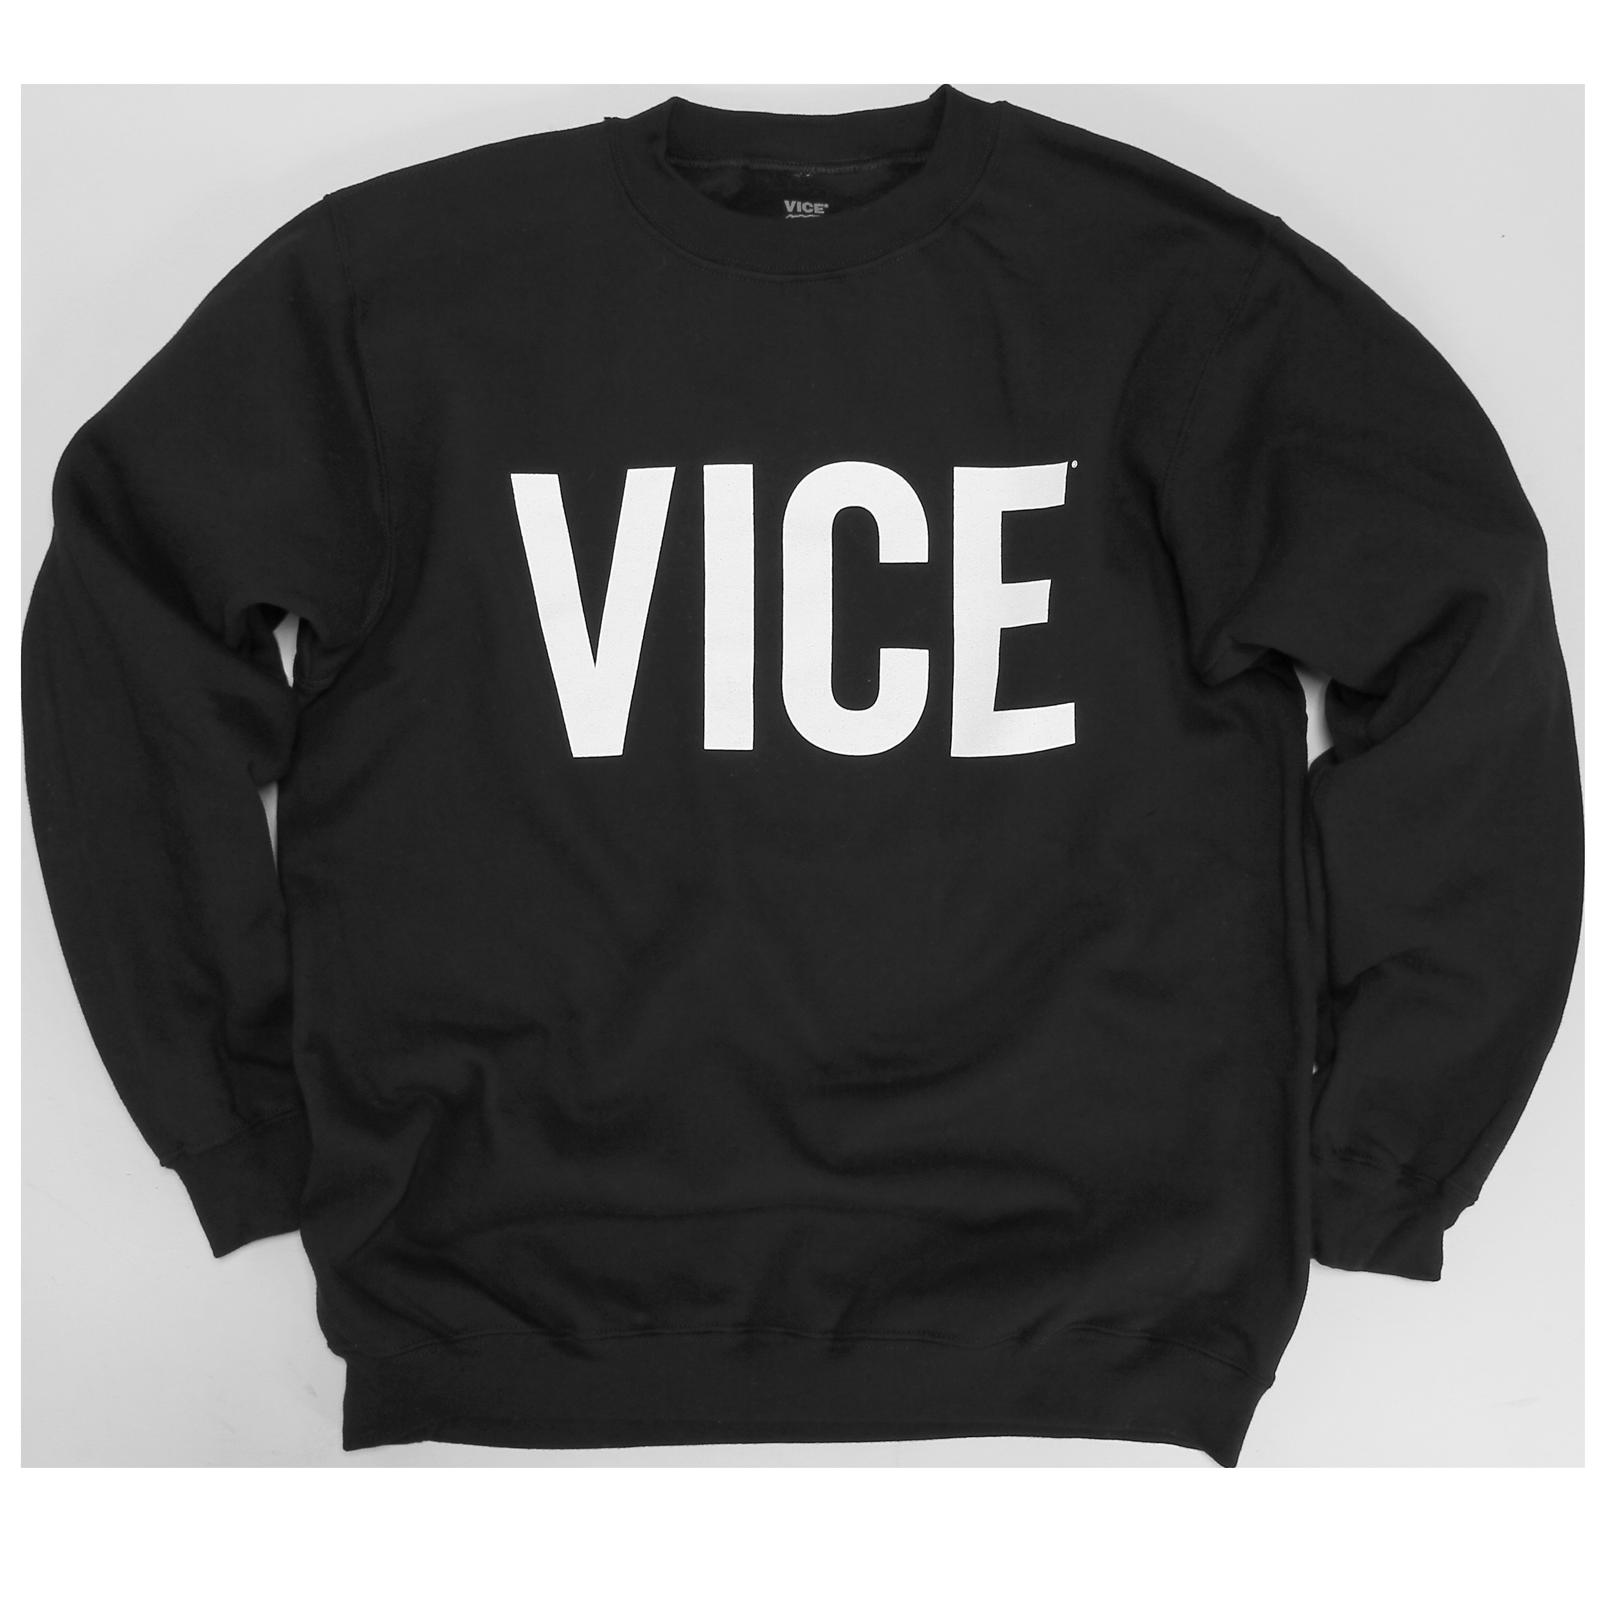 Hoodie clipart hooded sweatshirt. Vice black canada